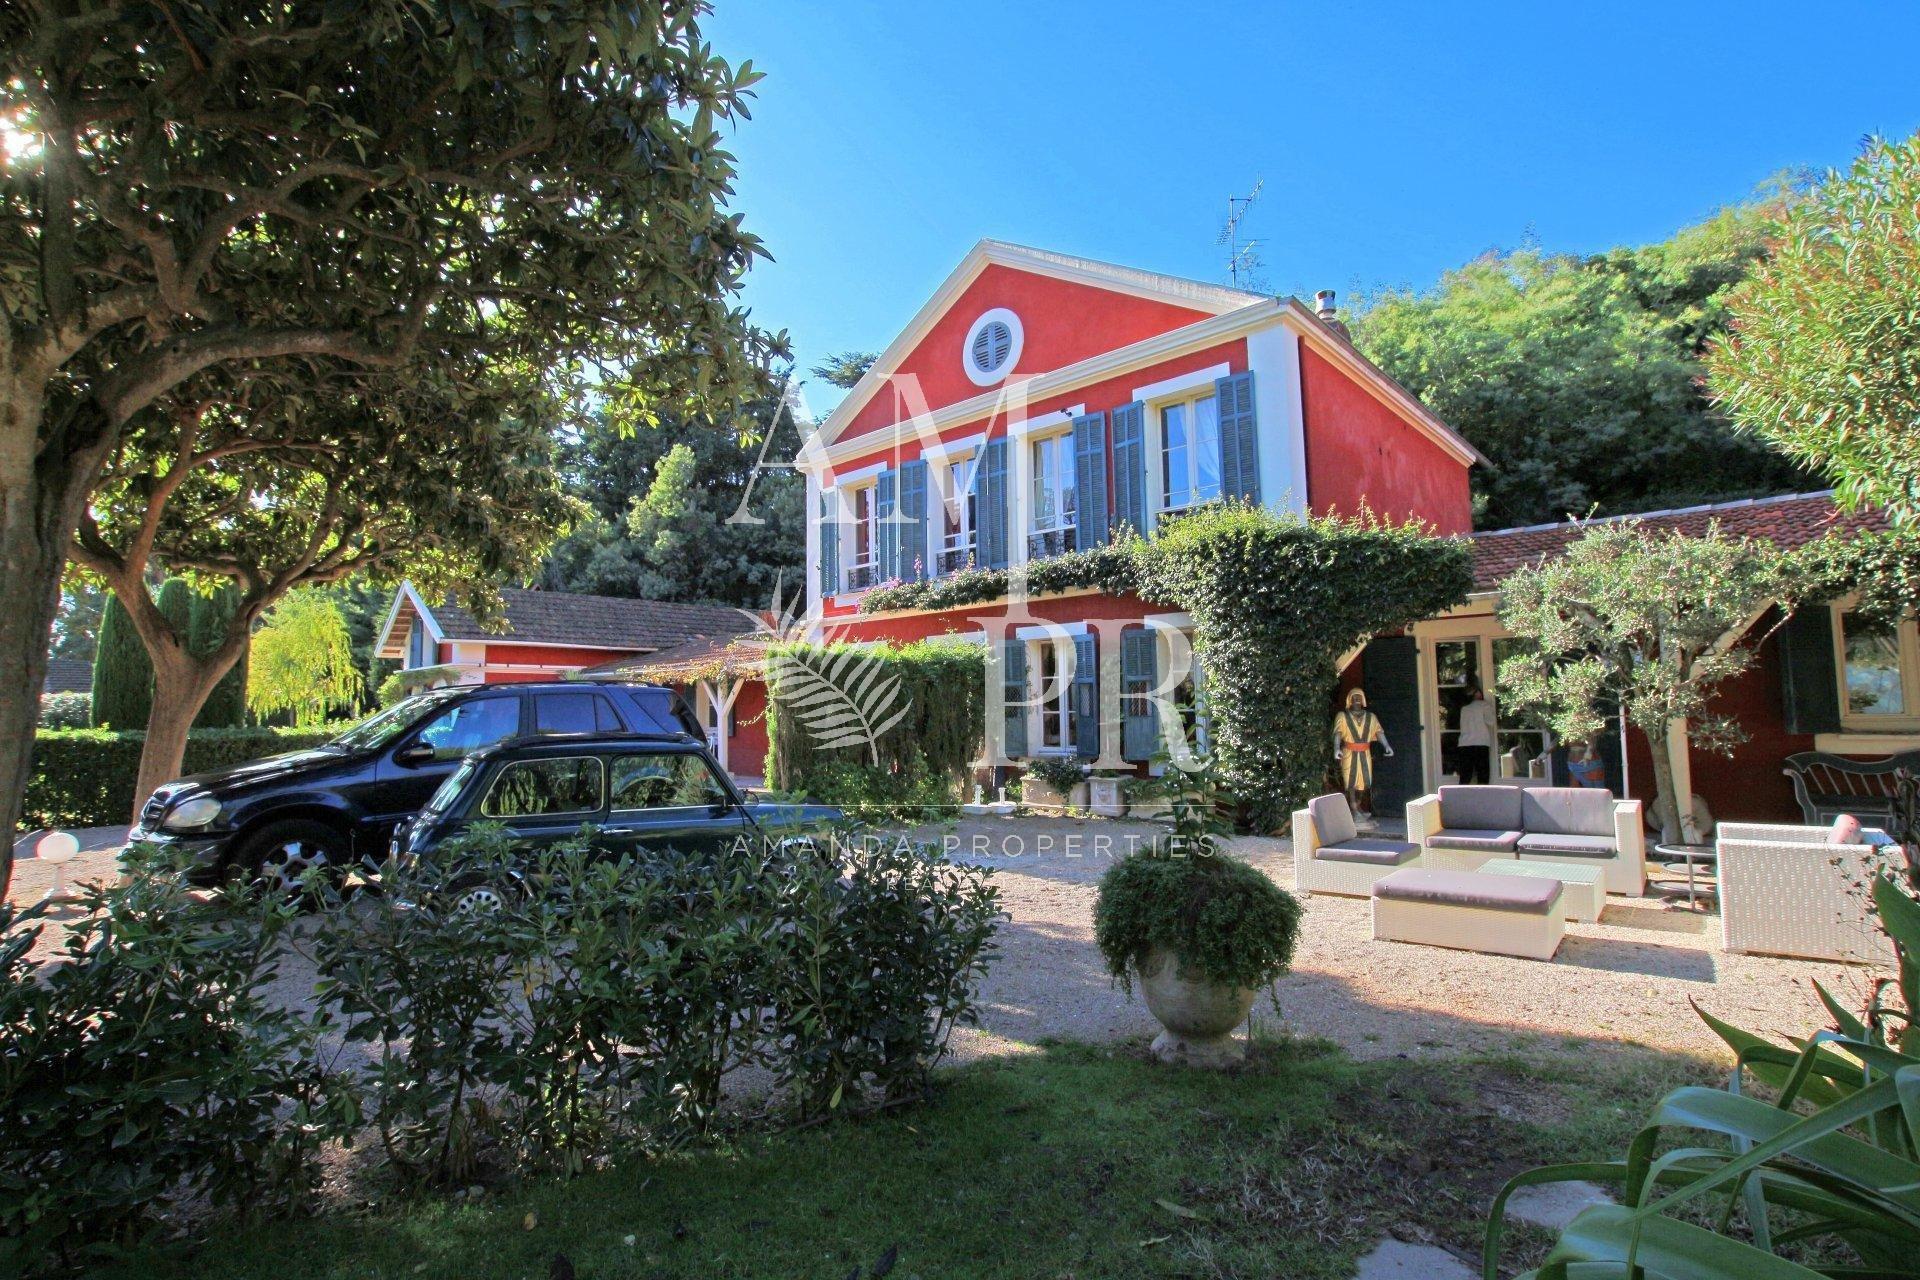 Appartement et studio - Cannes Croix des Gardes 11 personnes location saisonnière